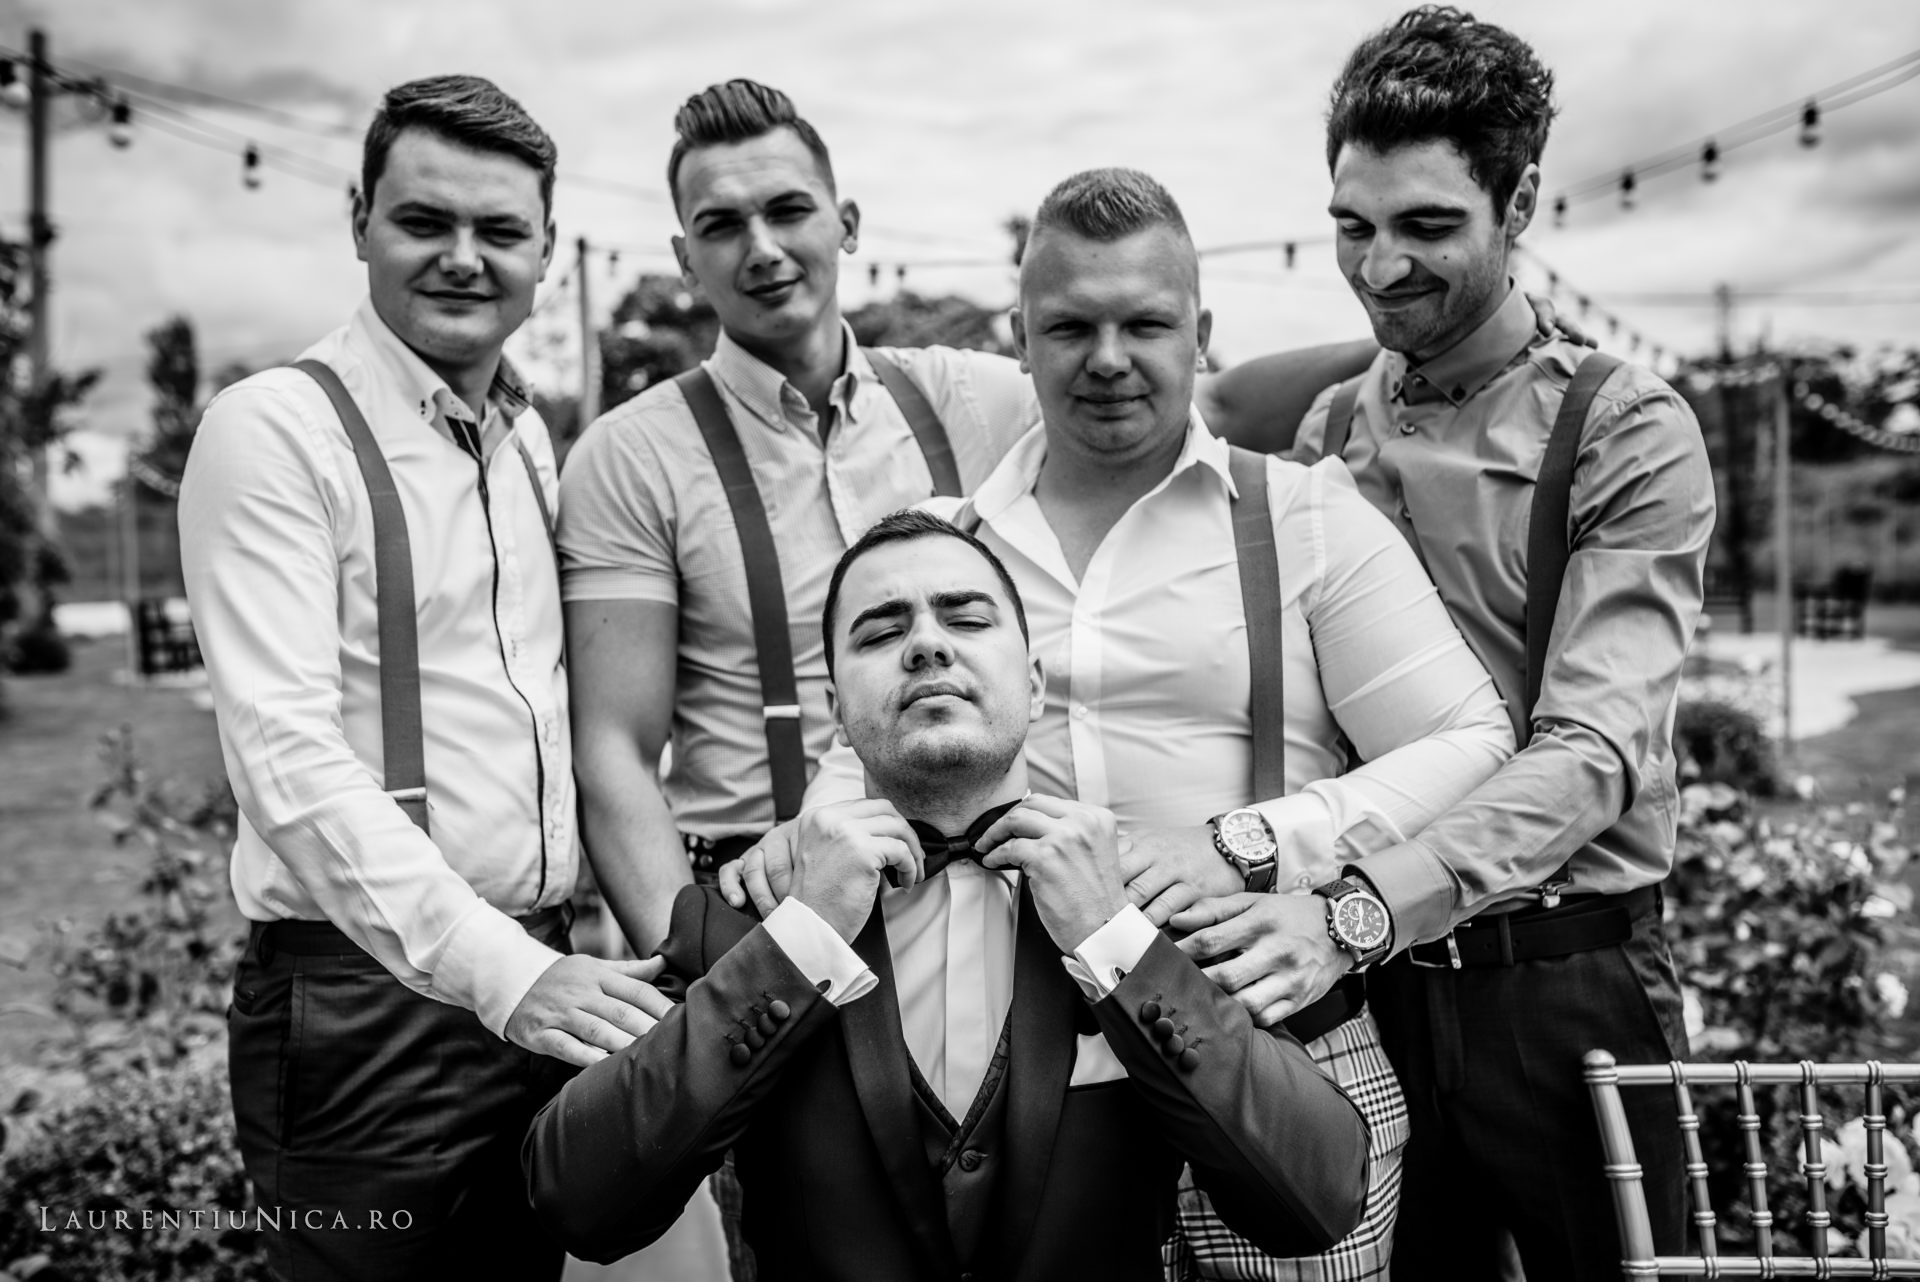 denisa si catalin fotograf nunta laurentiu nica craiova 24 - Denisa si Catalin | Fotografii nunta | Craiova